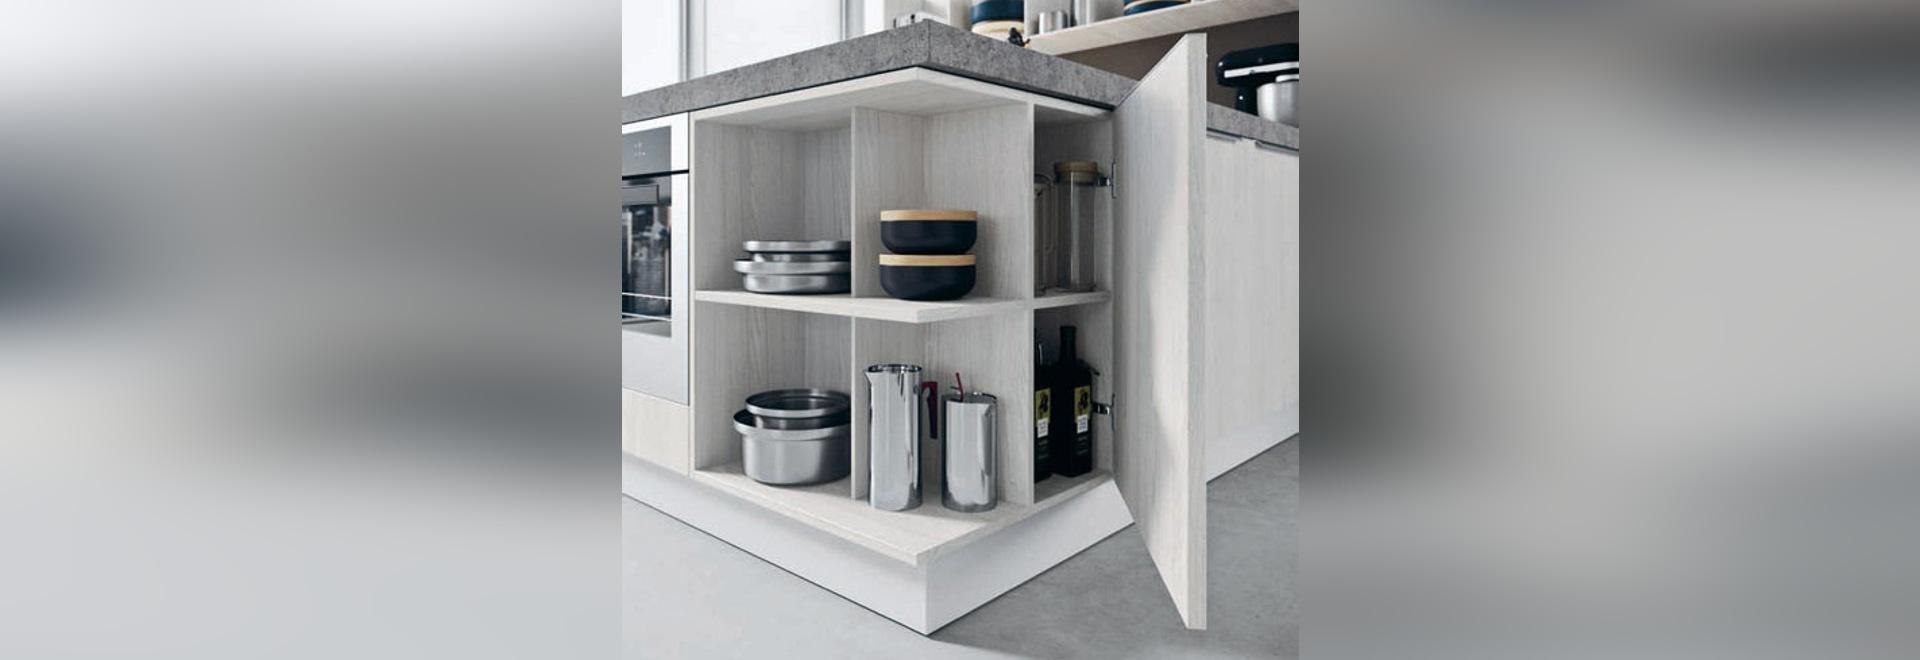 NOVEDAD: mueble bajo de cocina by copat - Copat